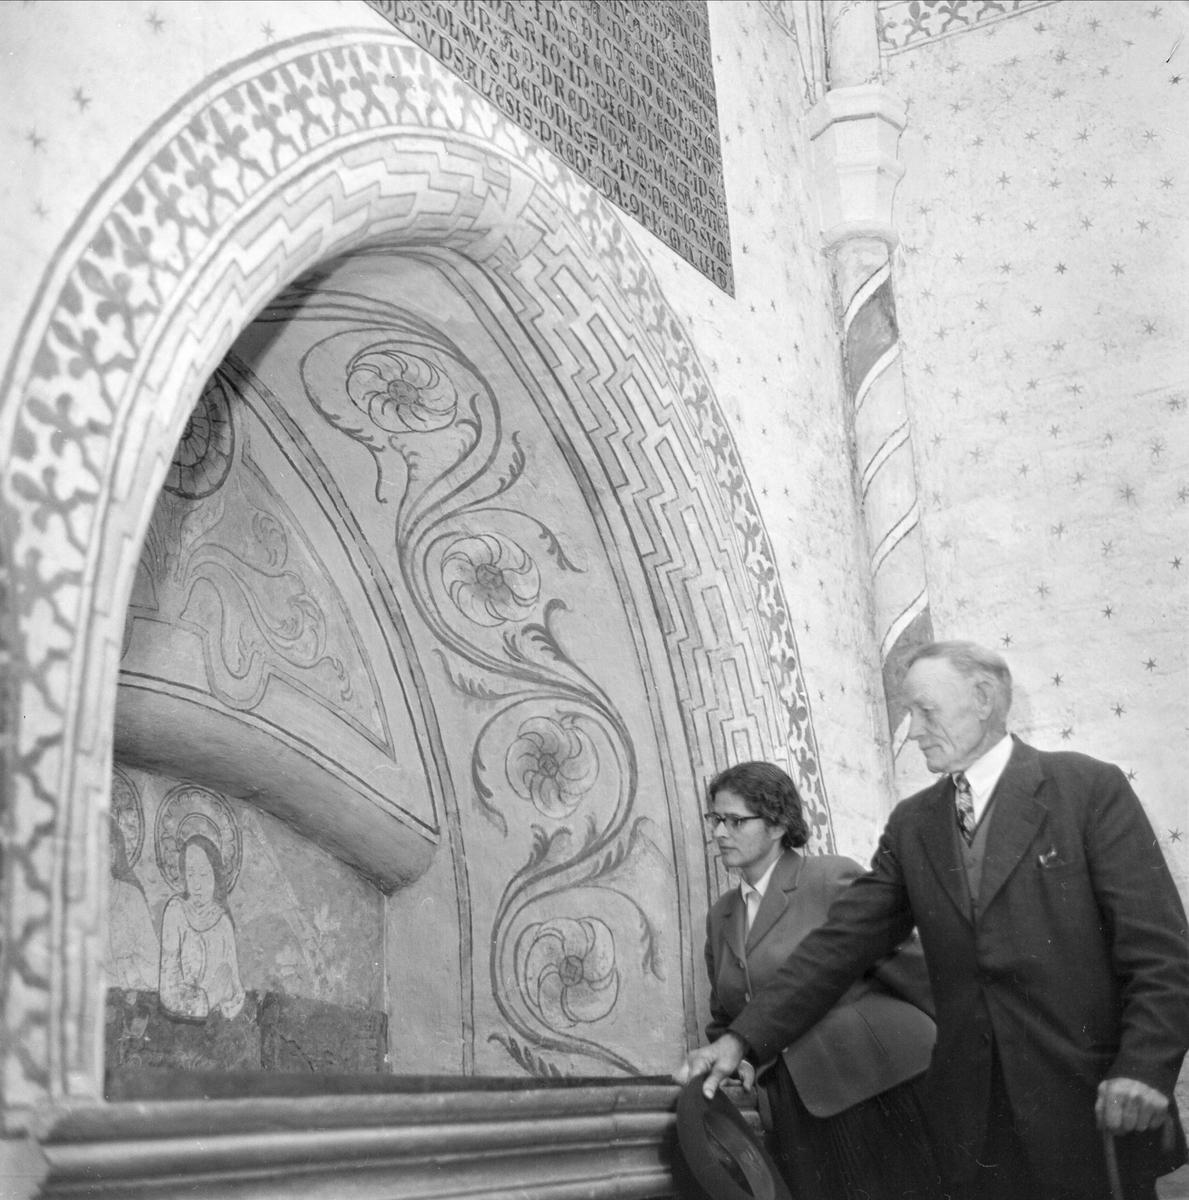 Upplands fornminnesförenings höstutflykt, Västeråkers kyrka, Uppland oktober 1961